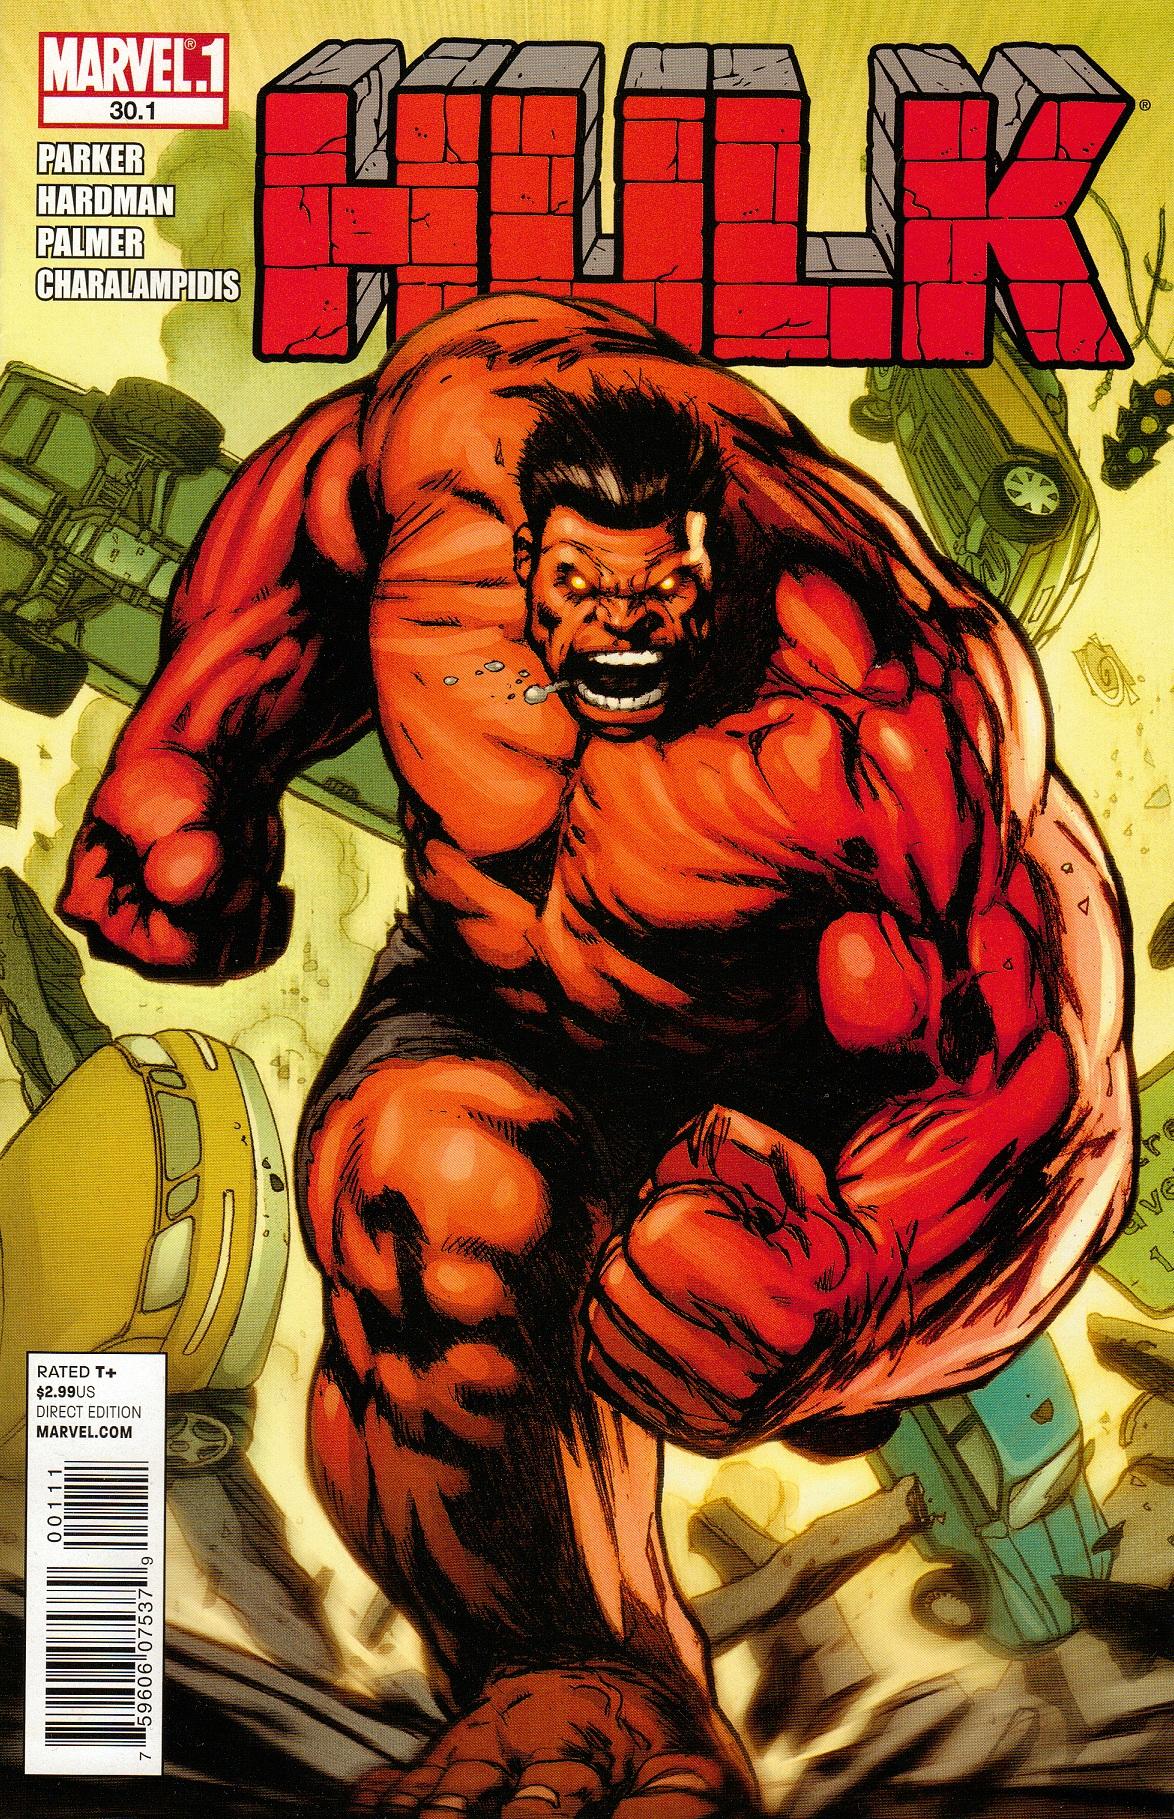 Hulk Vol 2 30.1